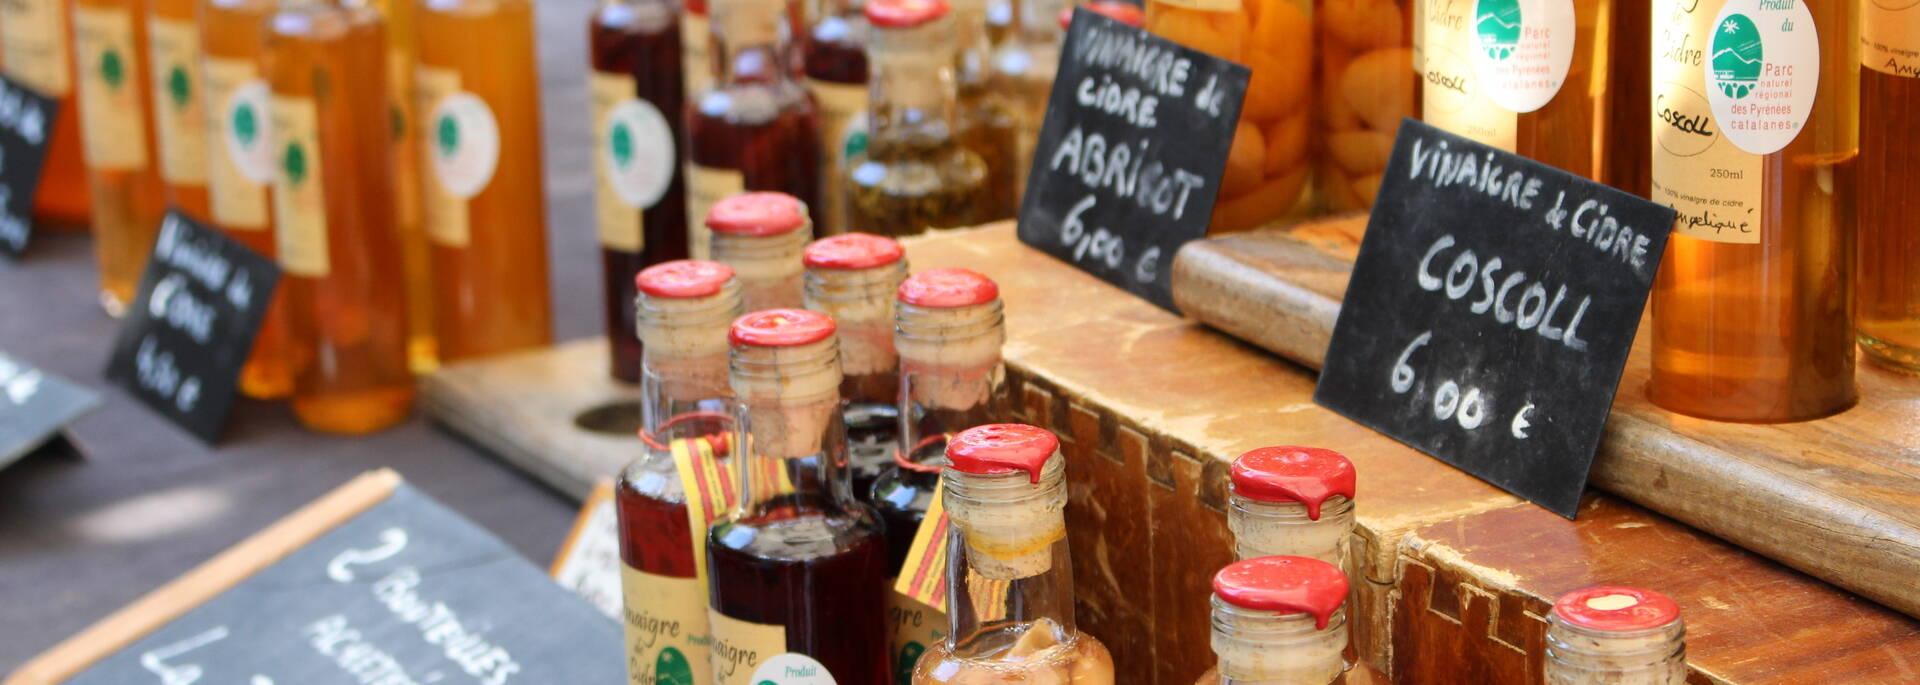 Vinaigres et sirops de Frantz Birot de Thorrent - Marché de la Rotja